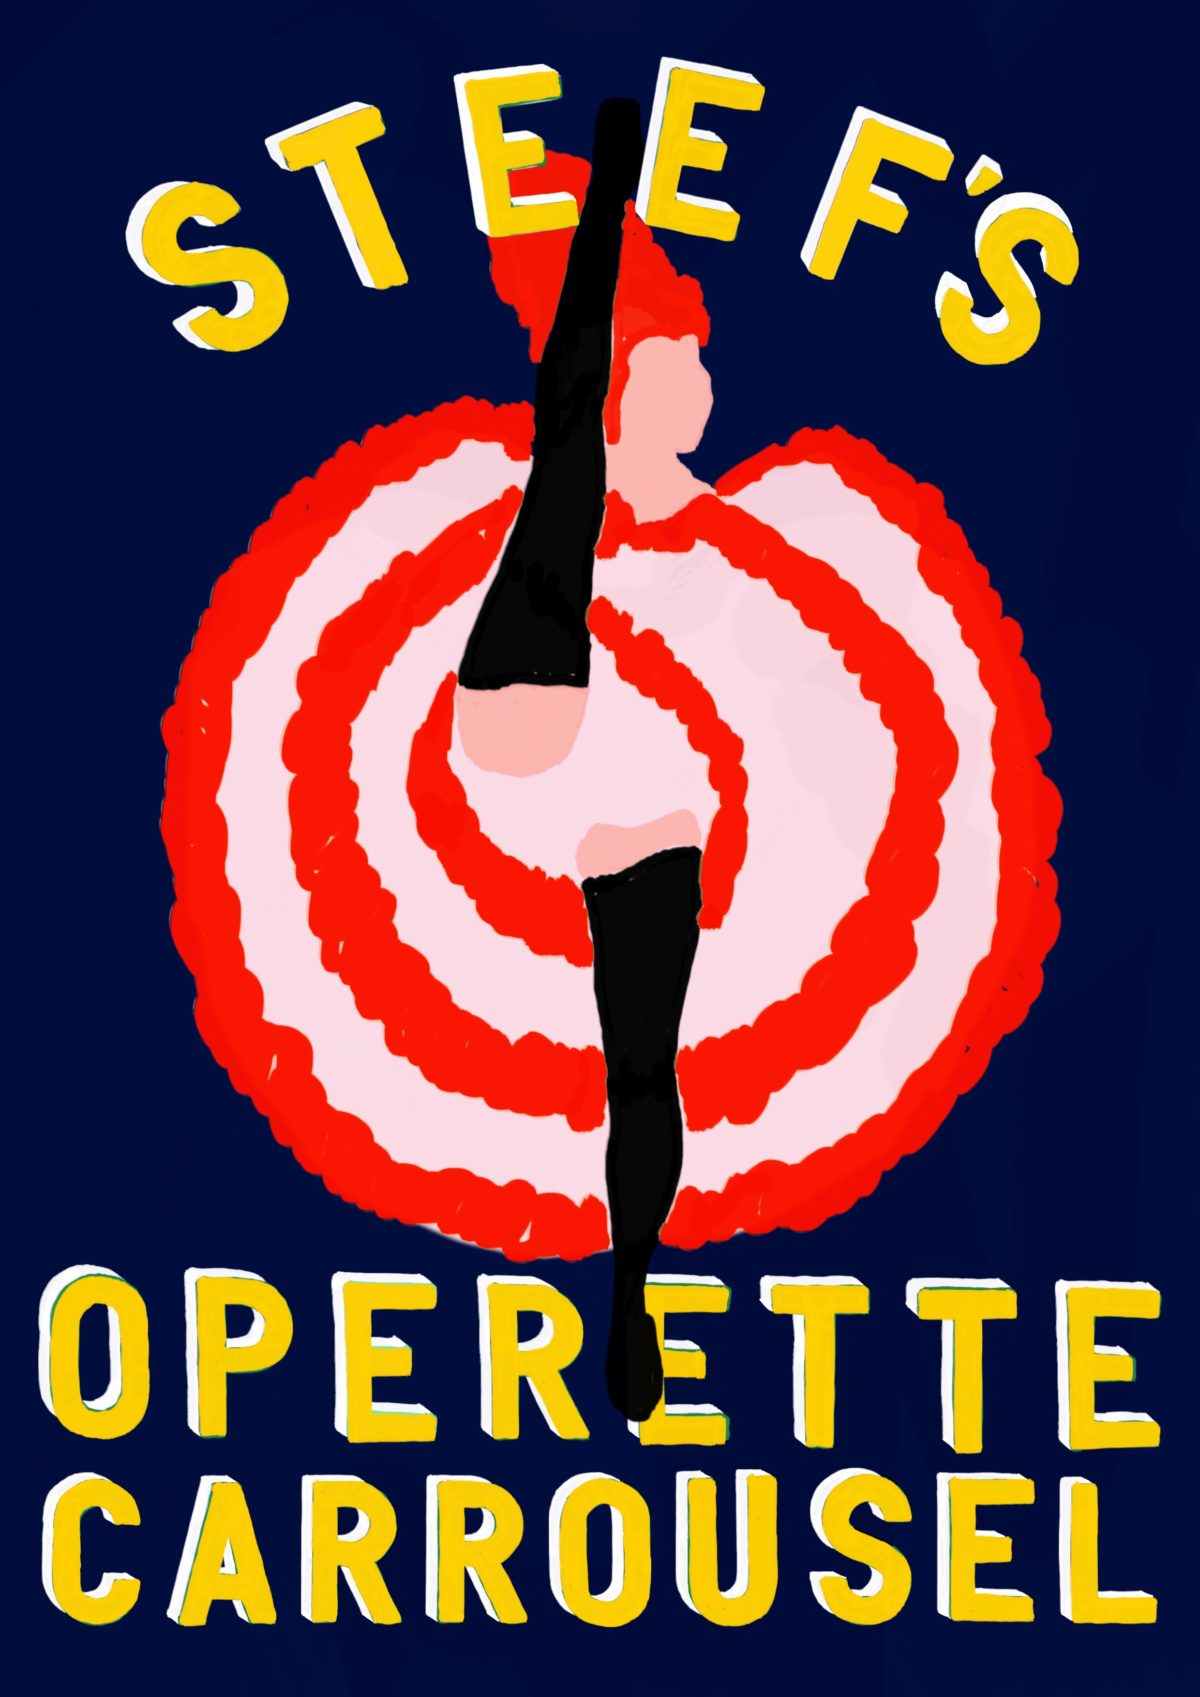 Steef's Operettecarrousel op de Parade!